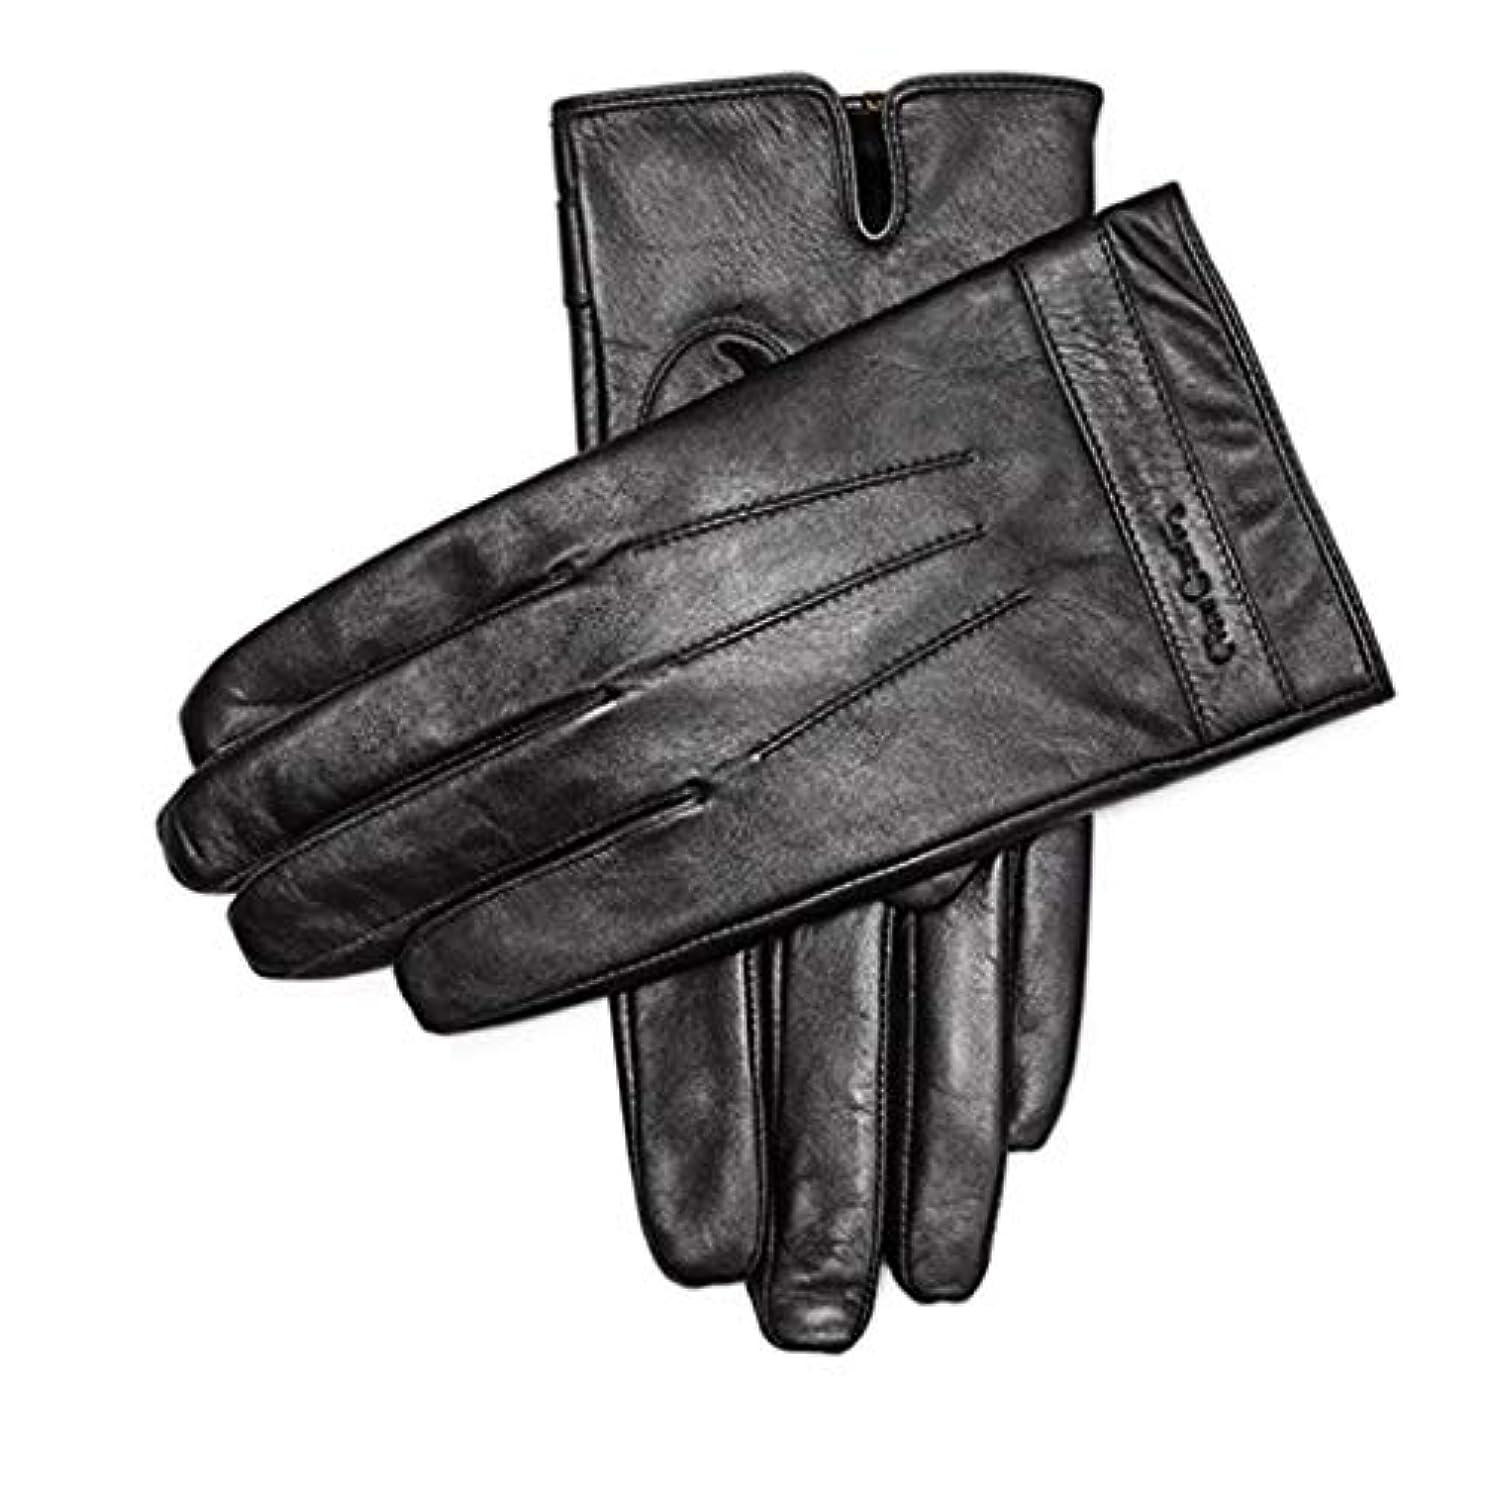 運命ボンド電話に出る手袋暖かい肥厚プラスベルベットメンズシープスキン手袋メンズウィンターアンチスキッドサイクリングレザーグローブタッチスクリーンモデル(883191170-1厚いベルベット)L(175 / 65-70KG)